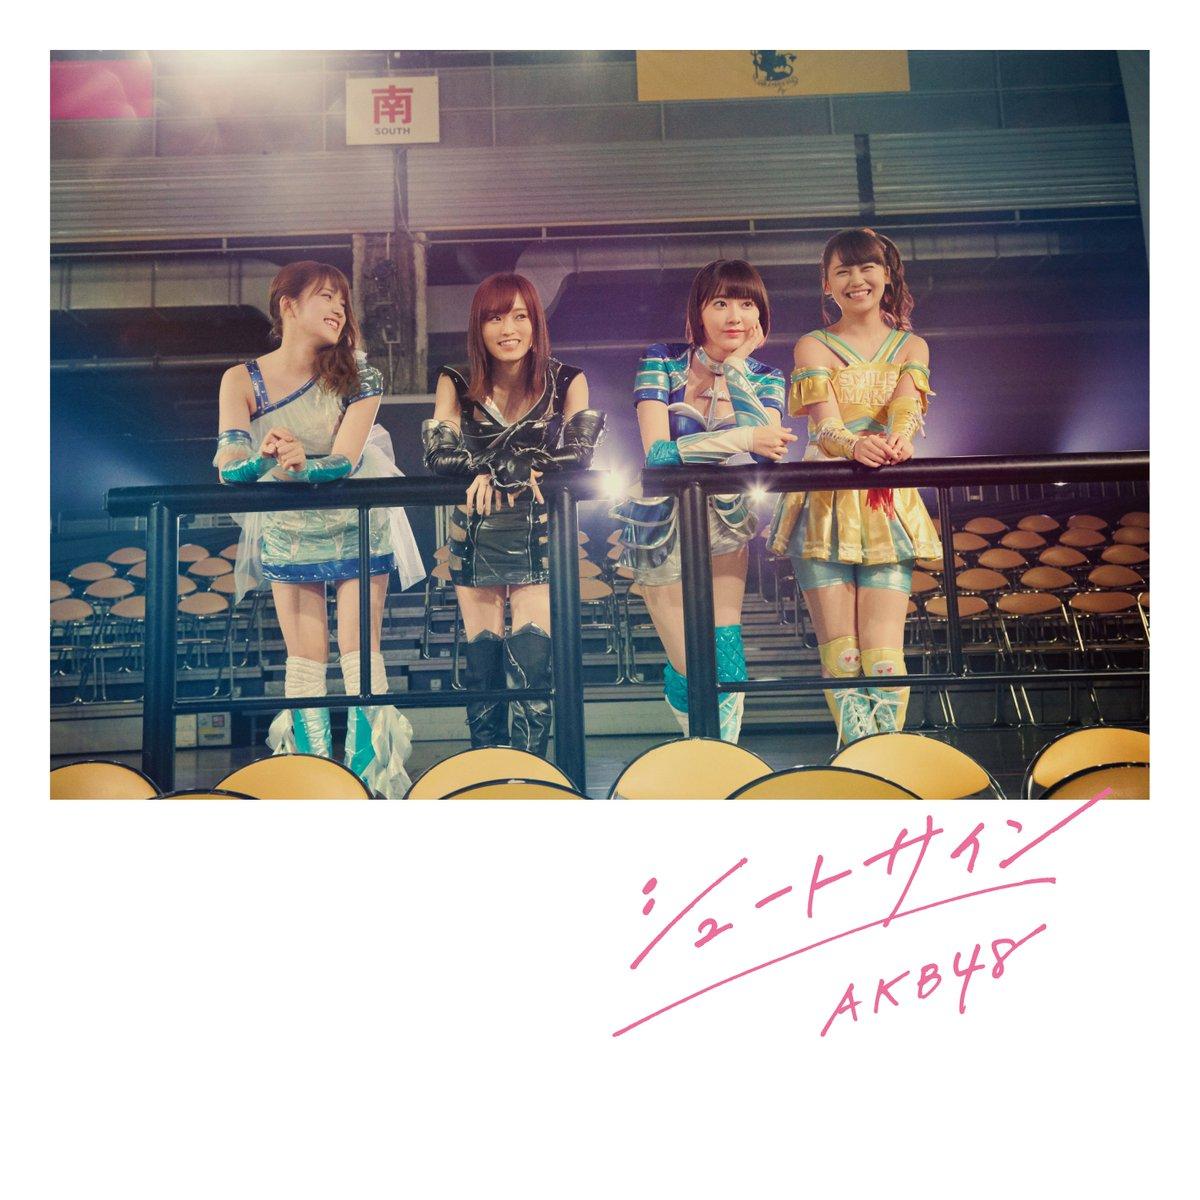 AKB48 新曲ジャケ写もプロレス! 通常盤TypeB~E  http://www. oricon.co.jp/news/2086226/f ull/?ref_cd=tw_pic &nbsp; …    #AKB48 #SKE48 #NMB48 #HKT48 #NGT48<br>http://pic.twitter.com/edgkl96SZ9